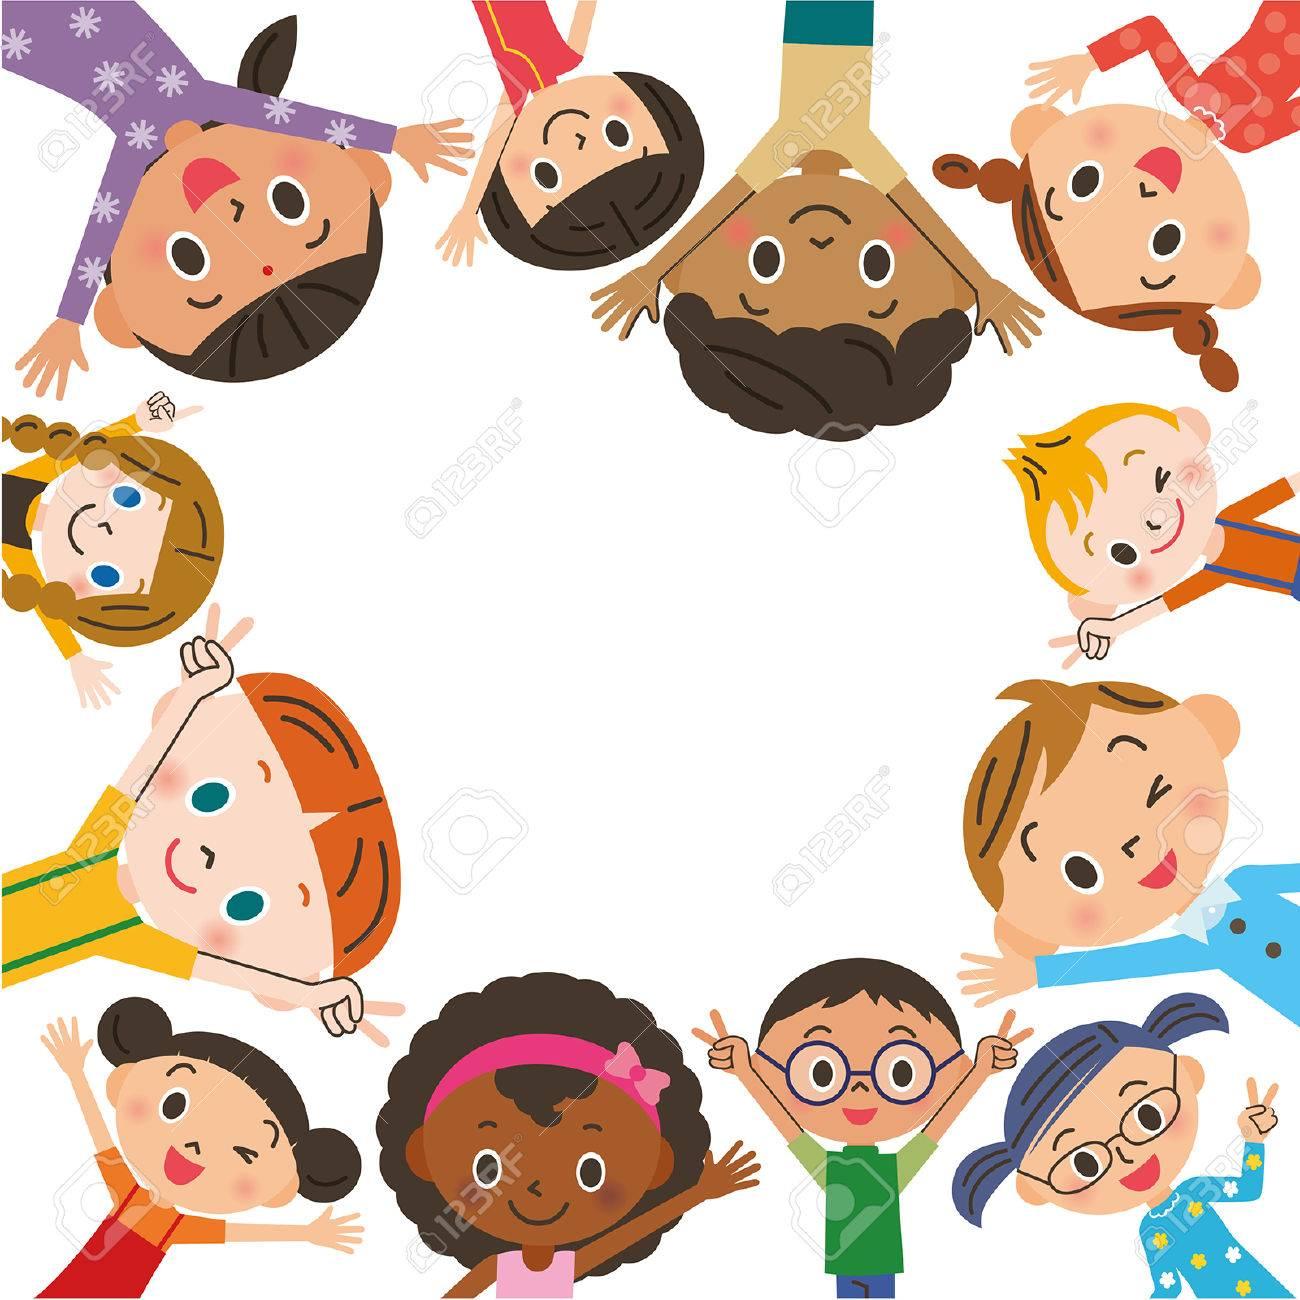 子供会のイラスト素材ベクタ Image 28380166